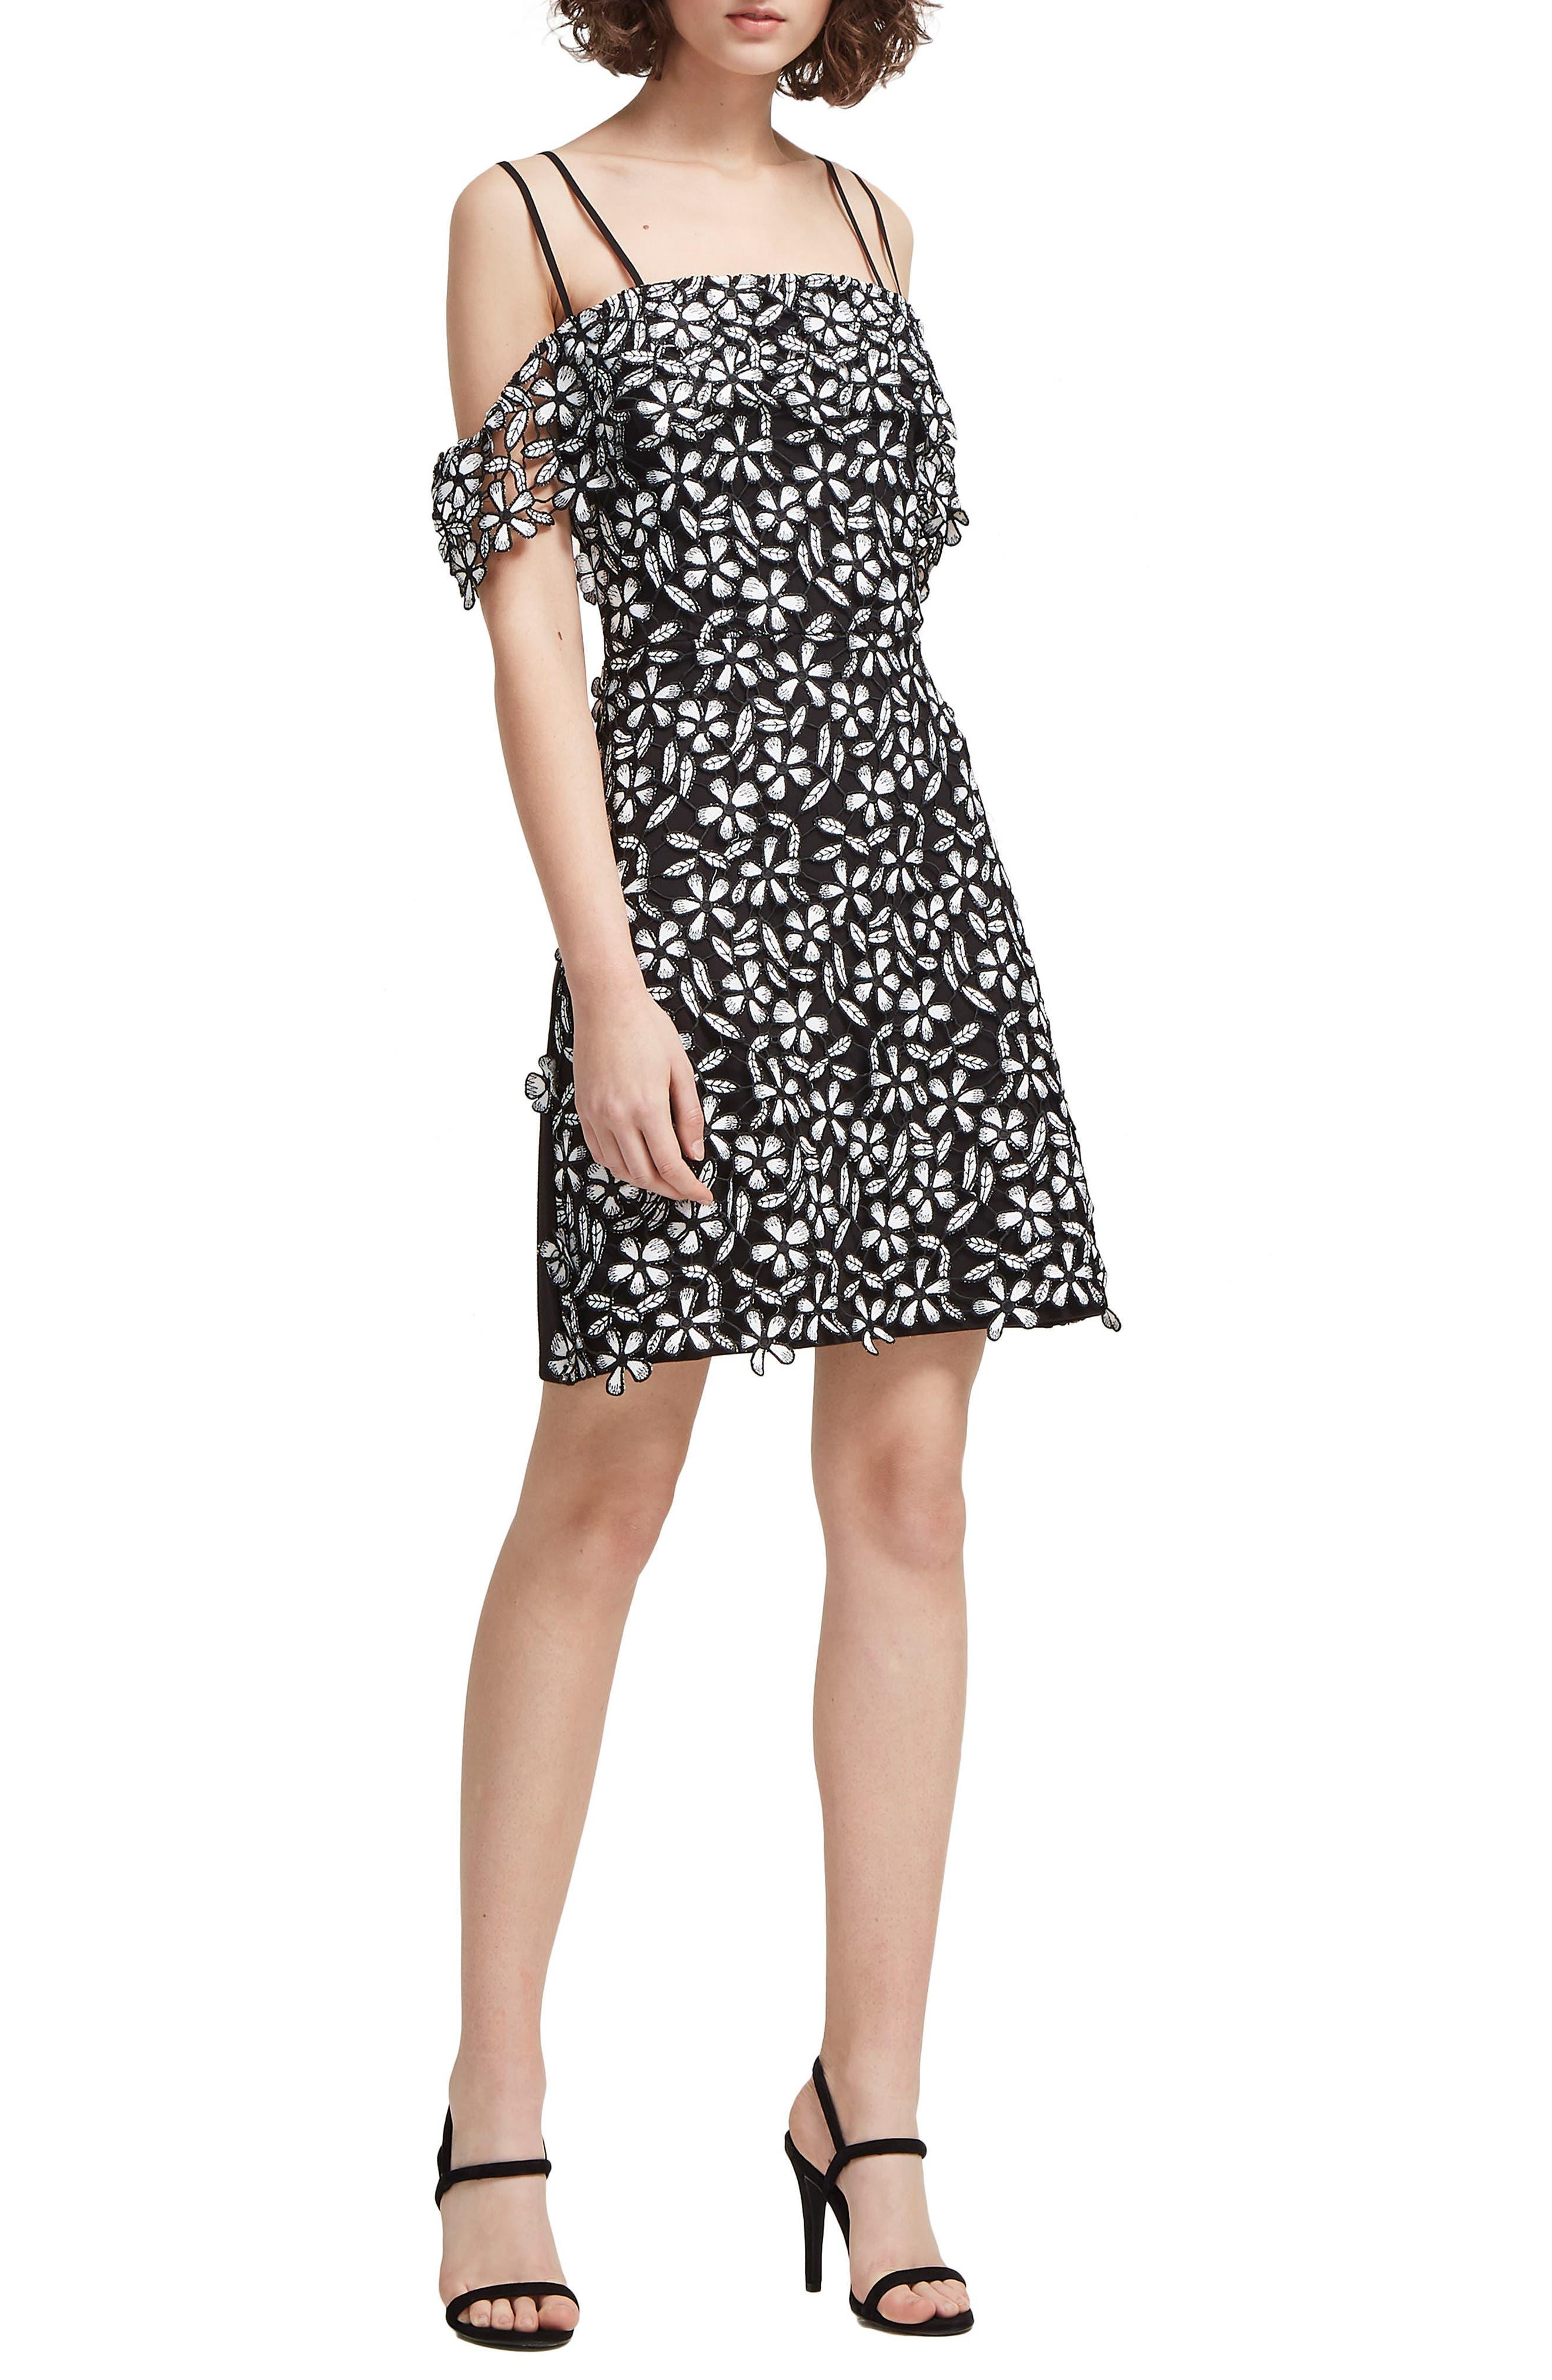 Fulaga Floral Lace Cold Shoulder Dress,                         Main,                         color, Black Summer